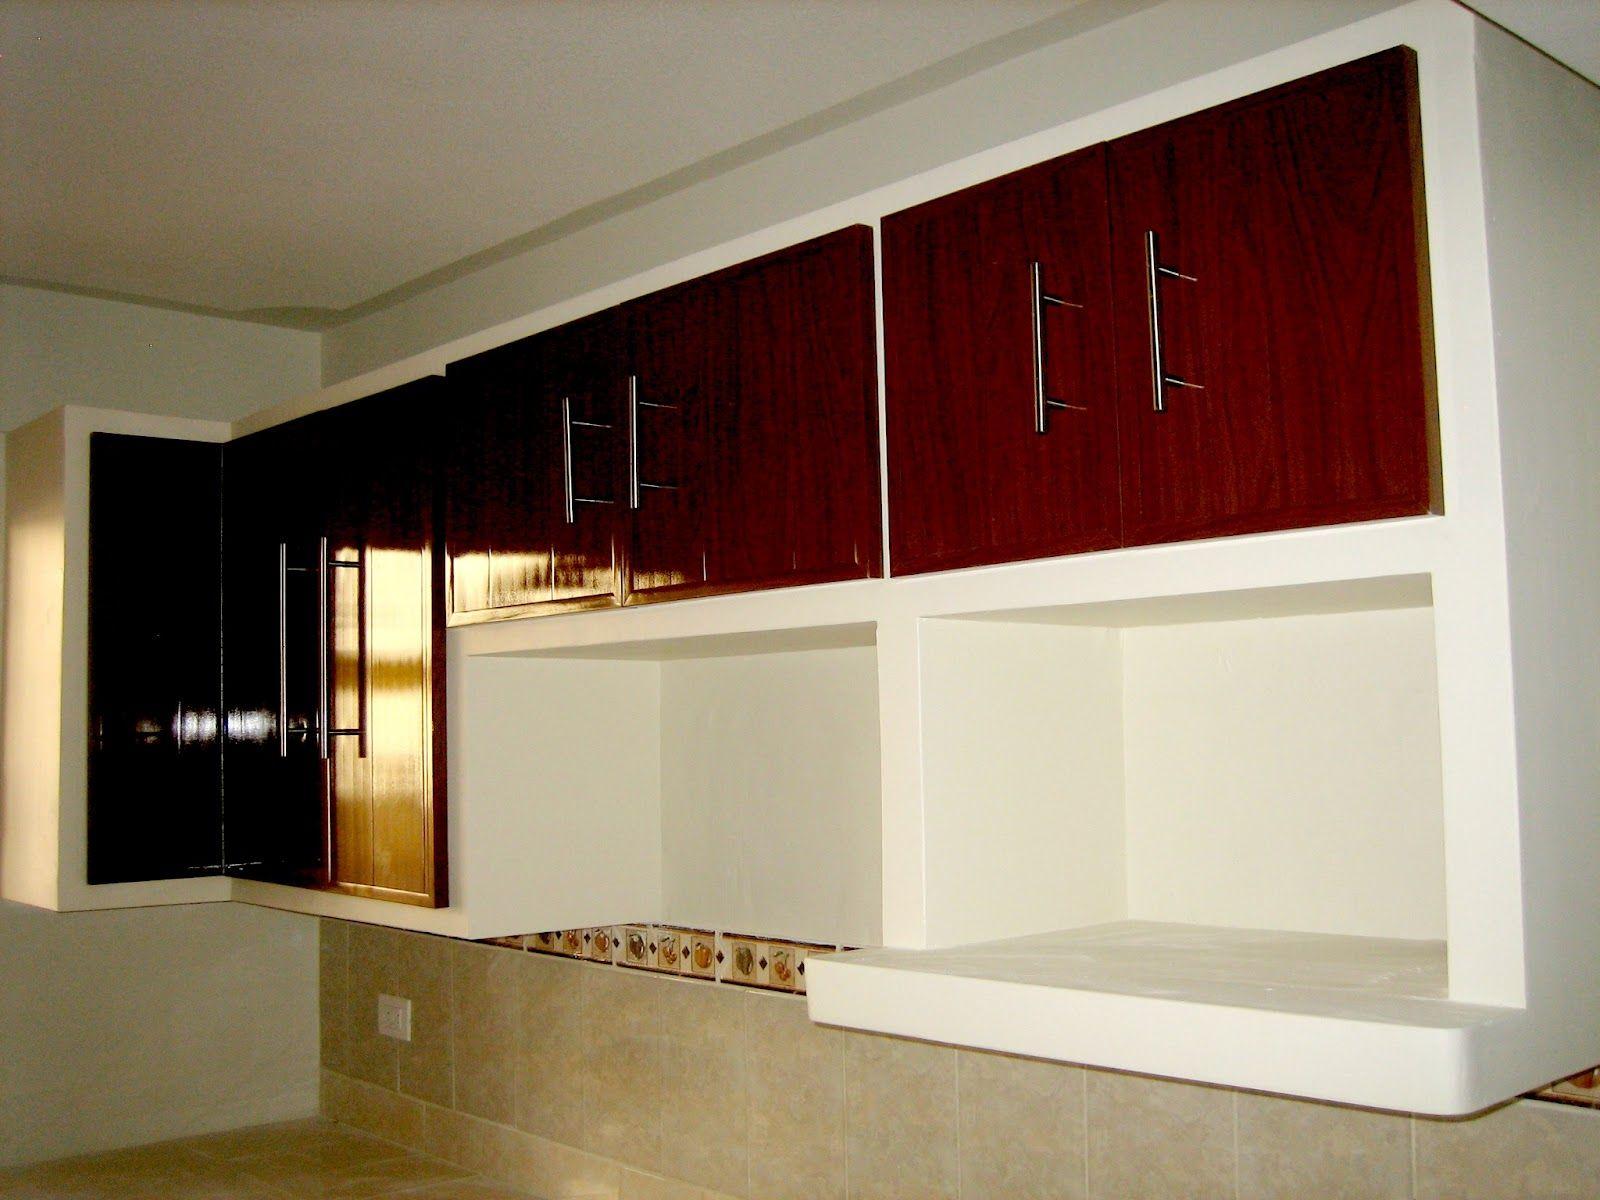 Tablaroca Casa Multiservicios Closet De Tablaroca Cocina De Cemento